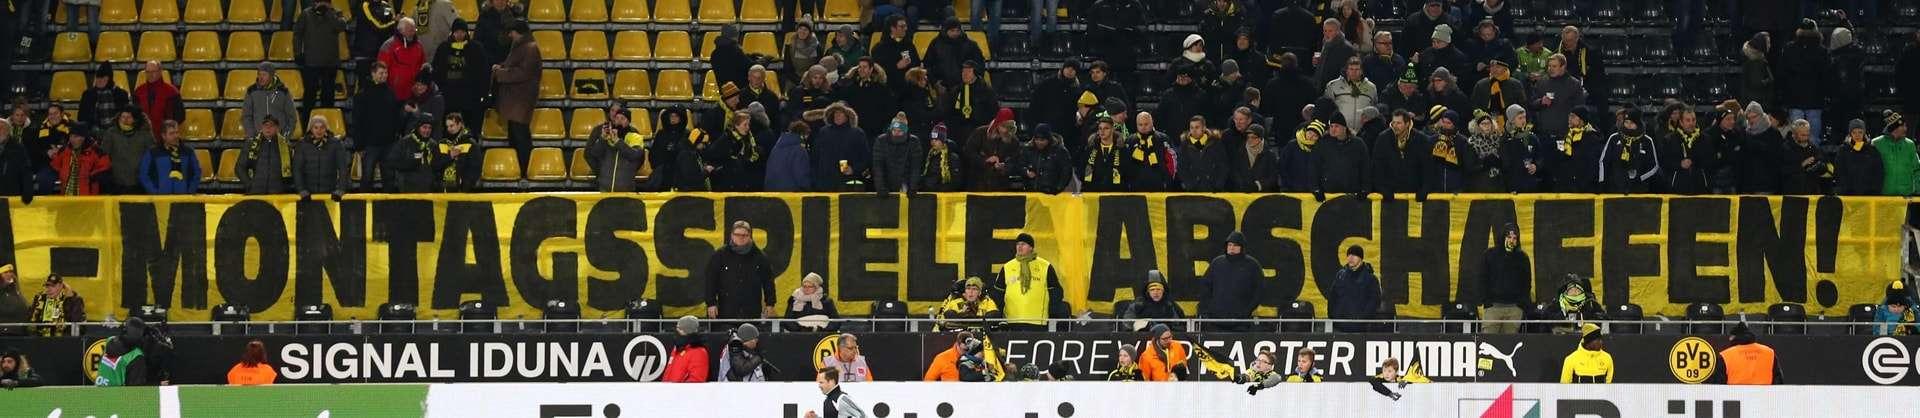 Platz 6 der besten Proteste gegen Montagsspiele: Karawane Cannstatt gegen Montagsspiele